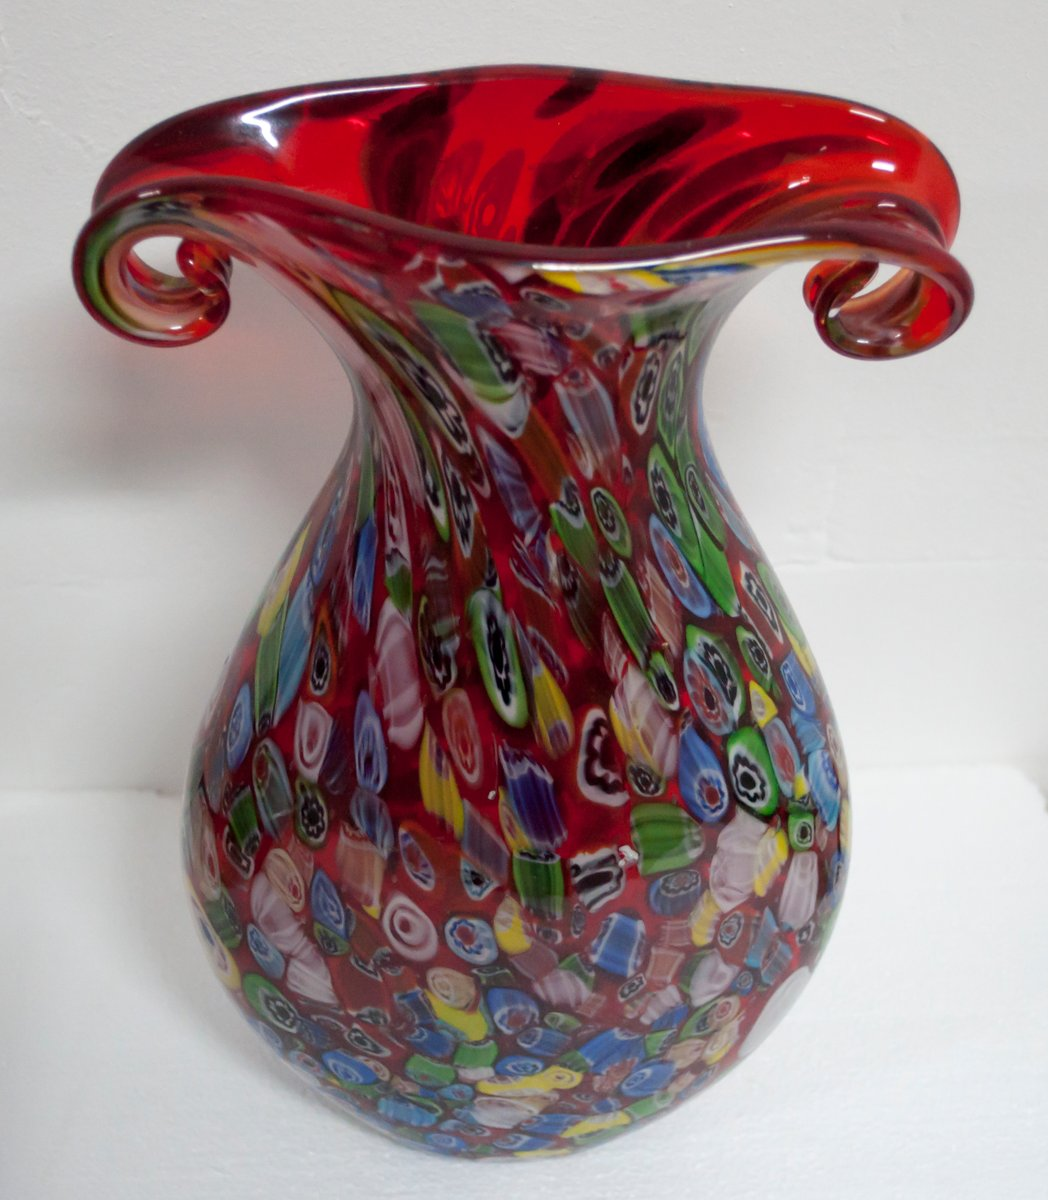 vase vintage en verre de murano multicolore de fratelli toso italie 1970s en vente sur pamono. Black Bedroom Furniture Sets. Home Design Ideas